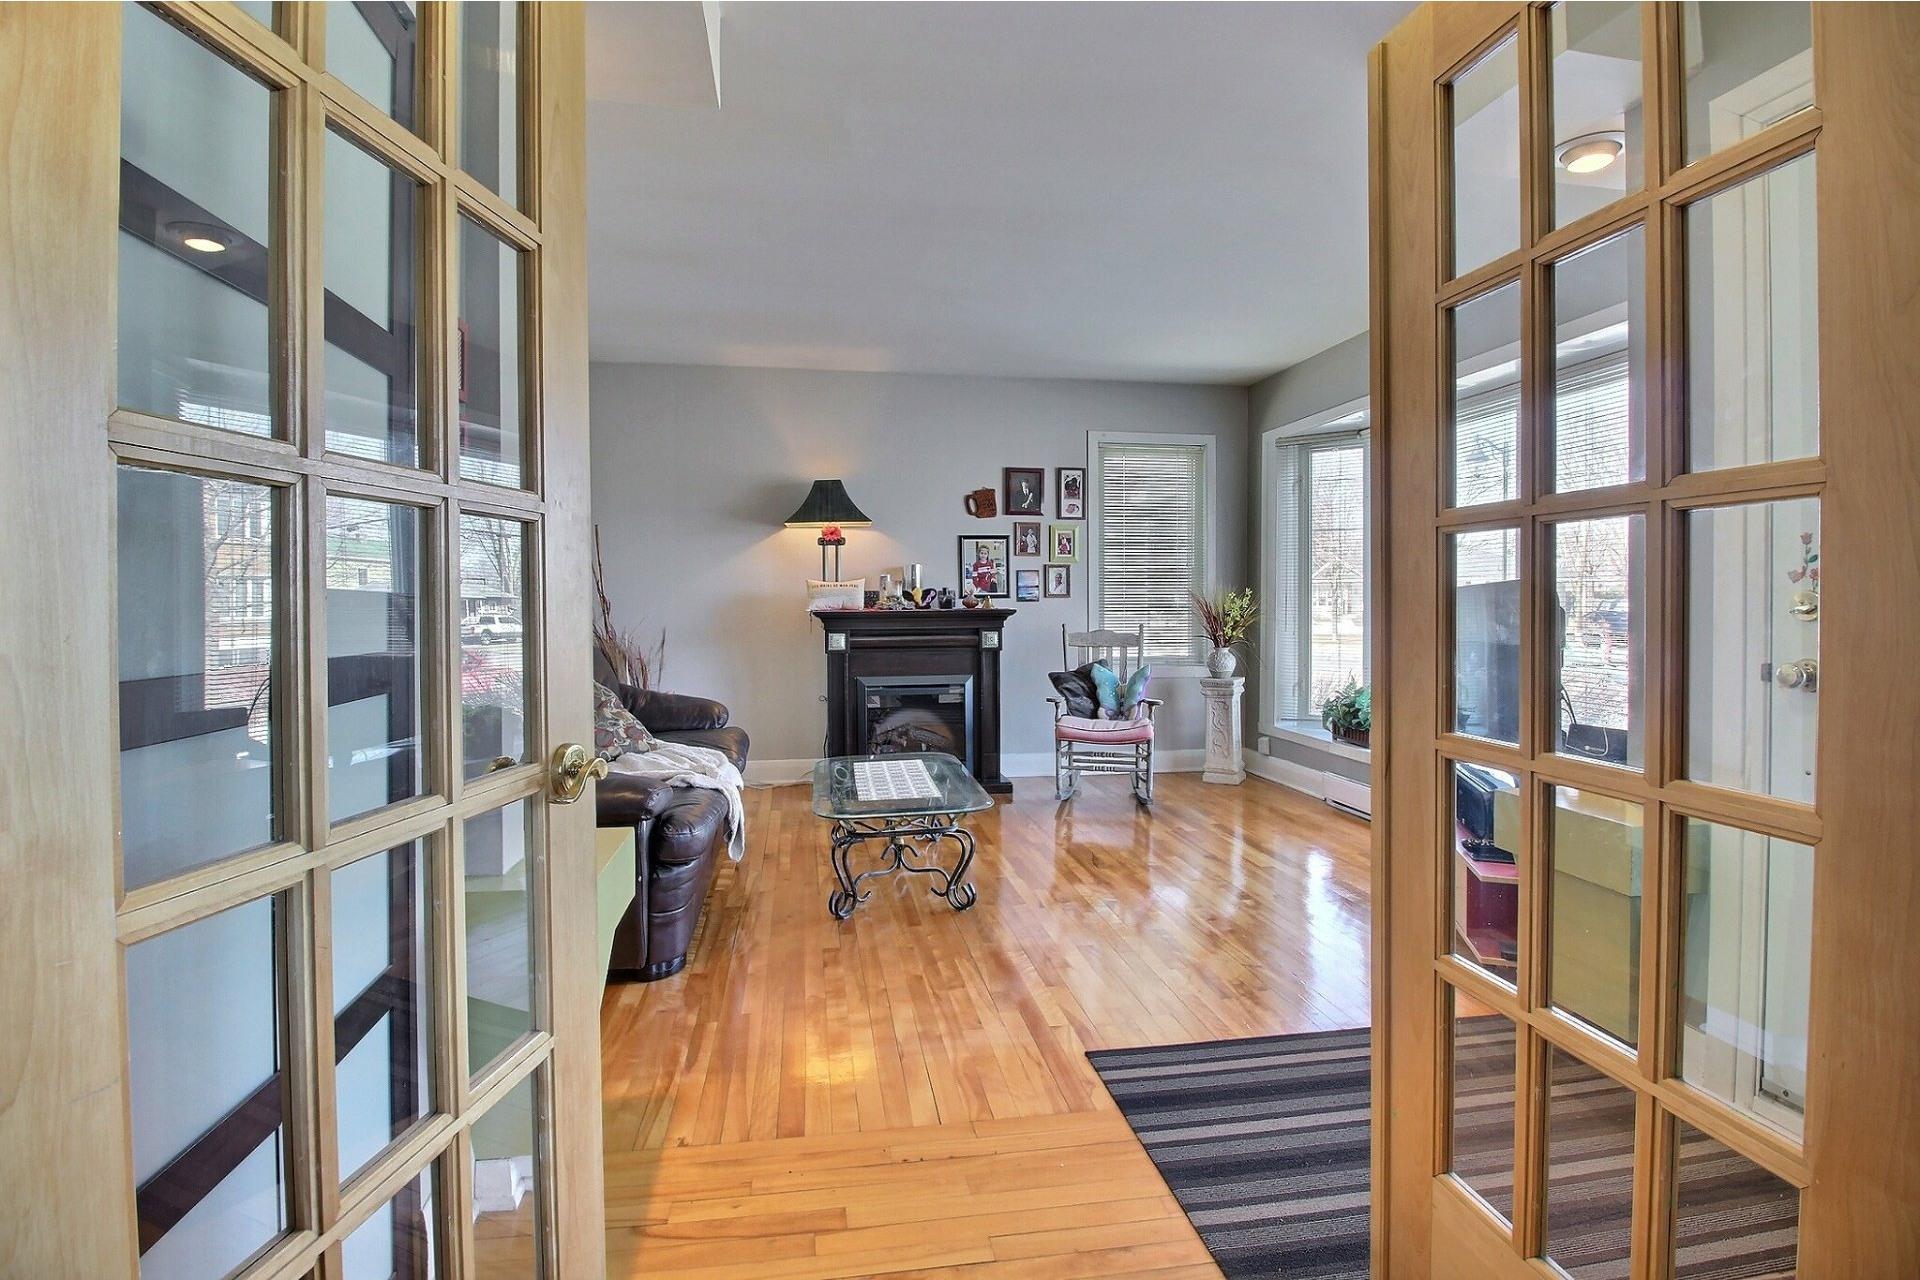 image 18 - Duplex For sale Joliette - 5 rooms